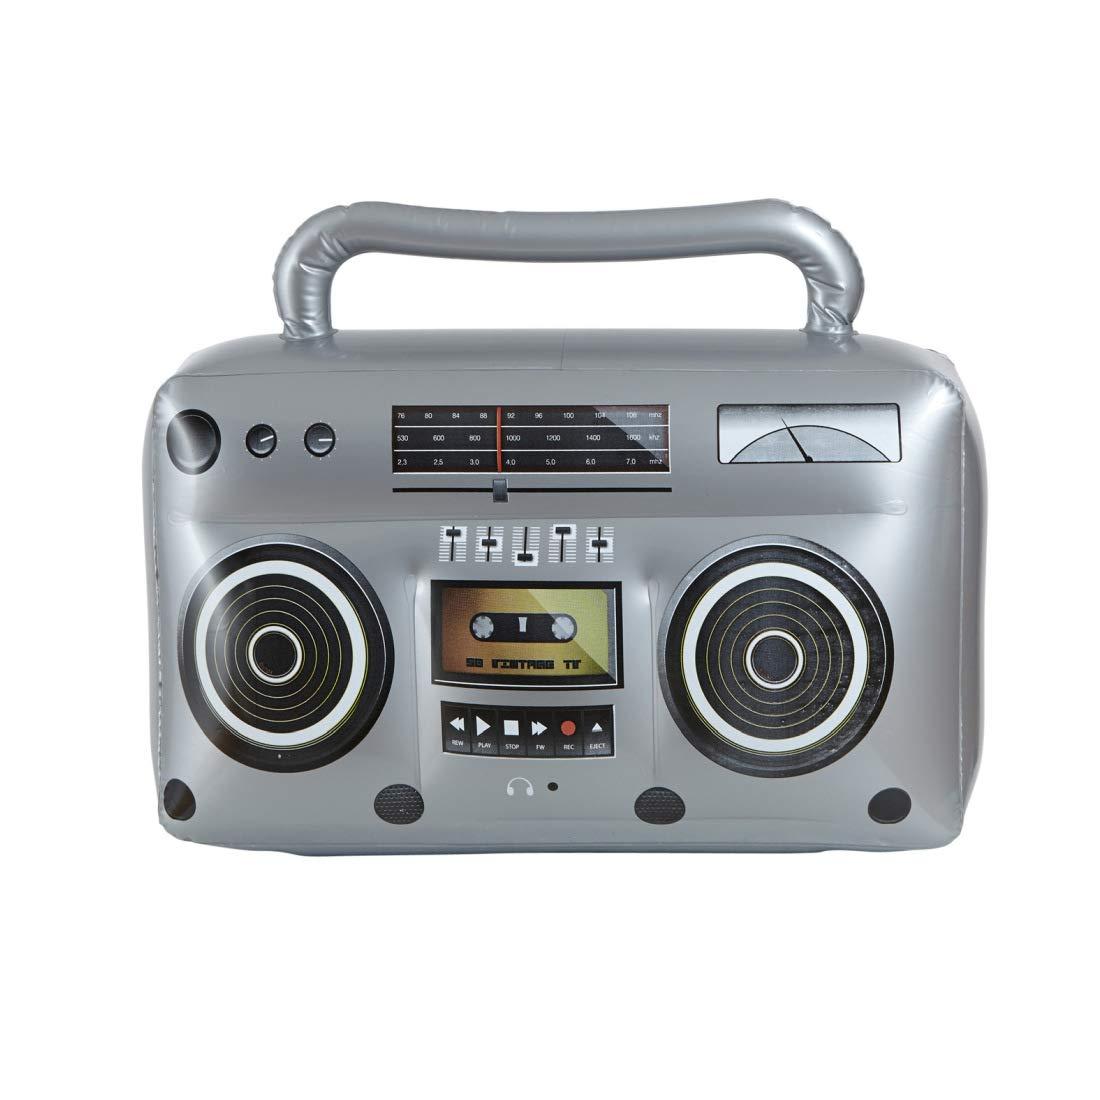 Reproductor de Cassettes a/ños 80 para inflar/ Amakando Radio Retro a/ños 80 Inflable/ 50 cm en Plateado El Centro de atenci/ón para Fiestas tem/áticas y Fiestas Retro